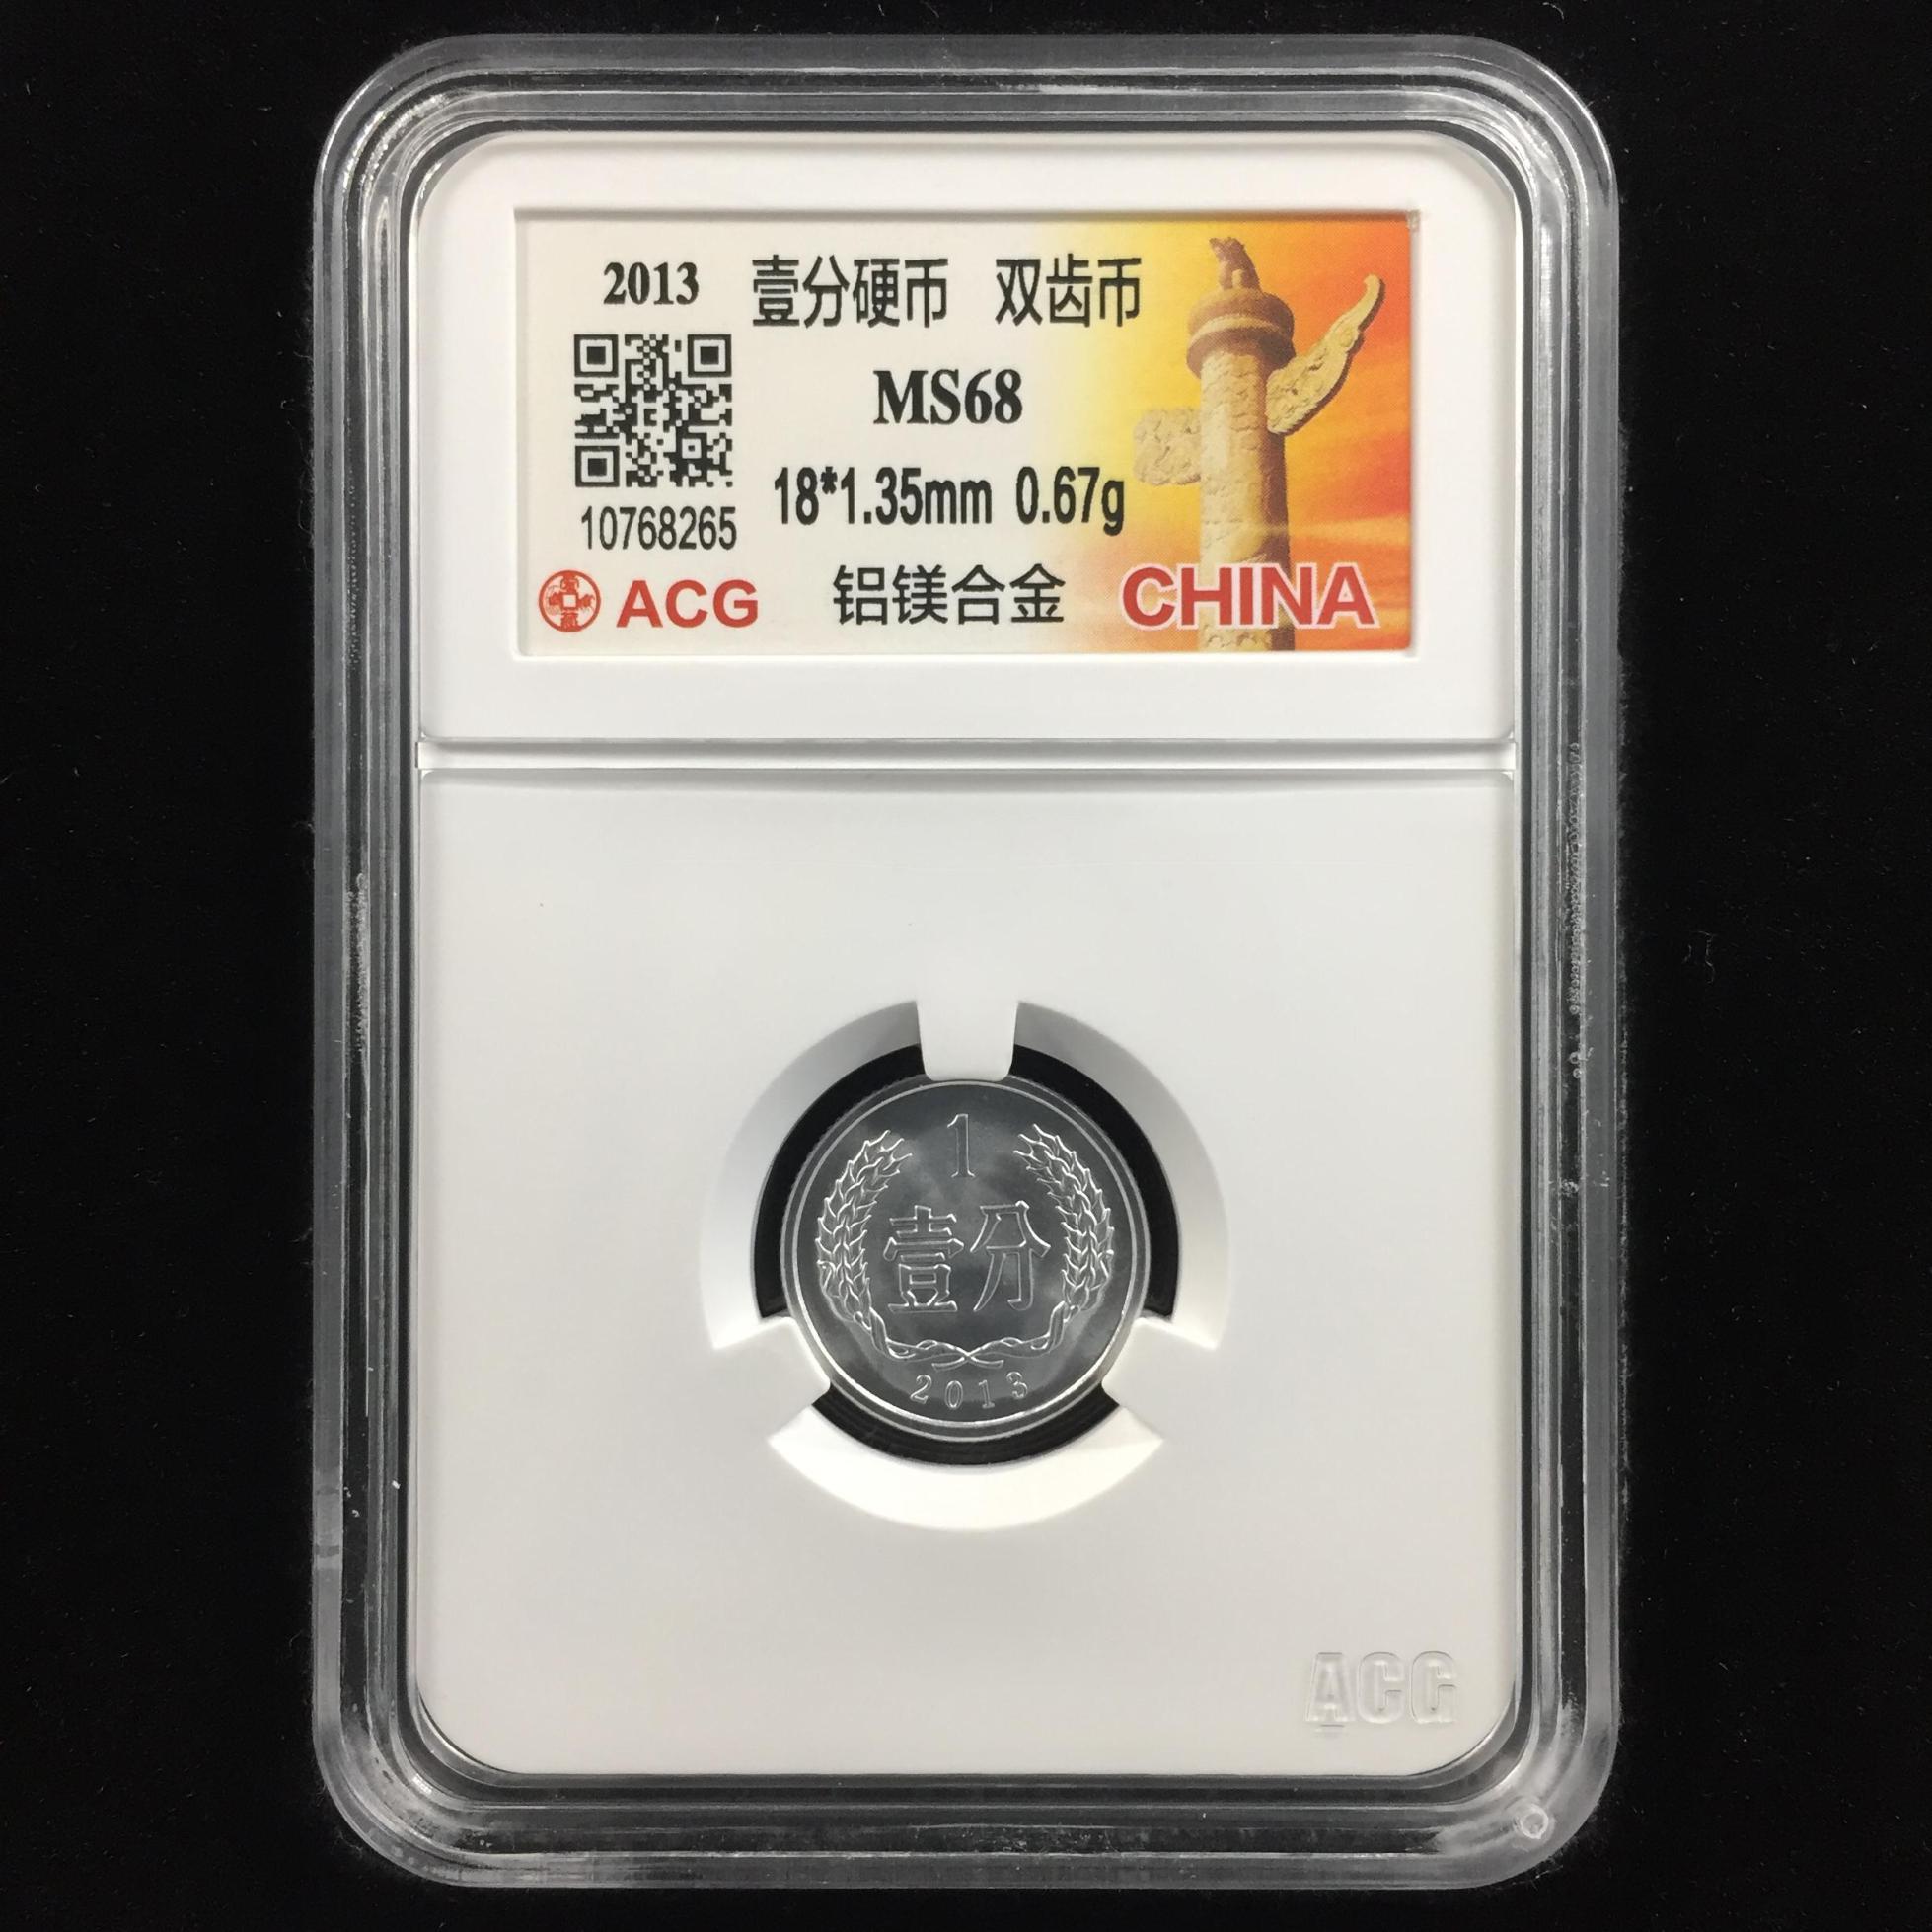 双齿币→2013年1分硬币→ACG鉴定证书-10768265